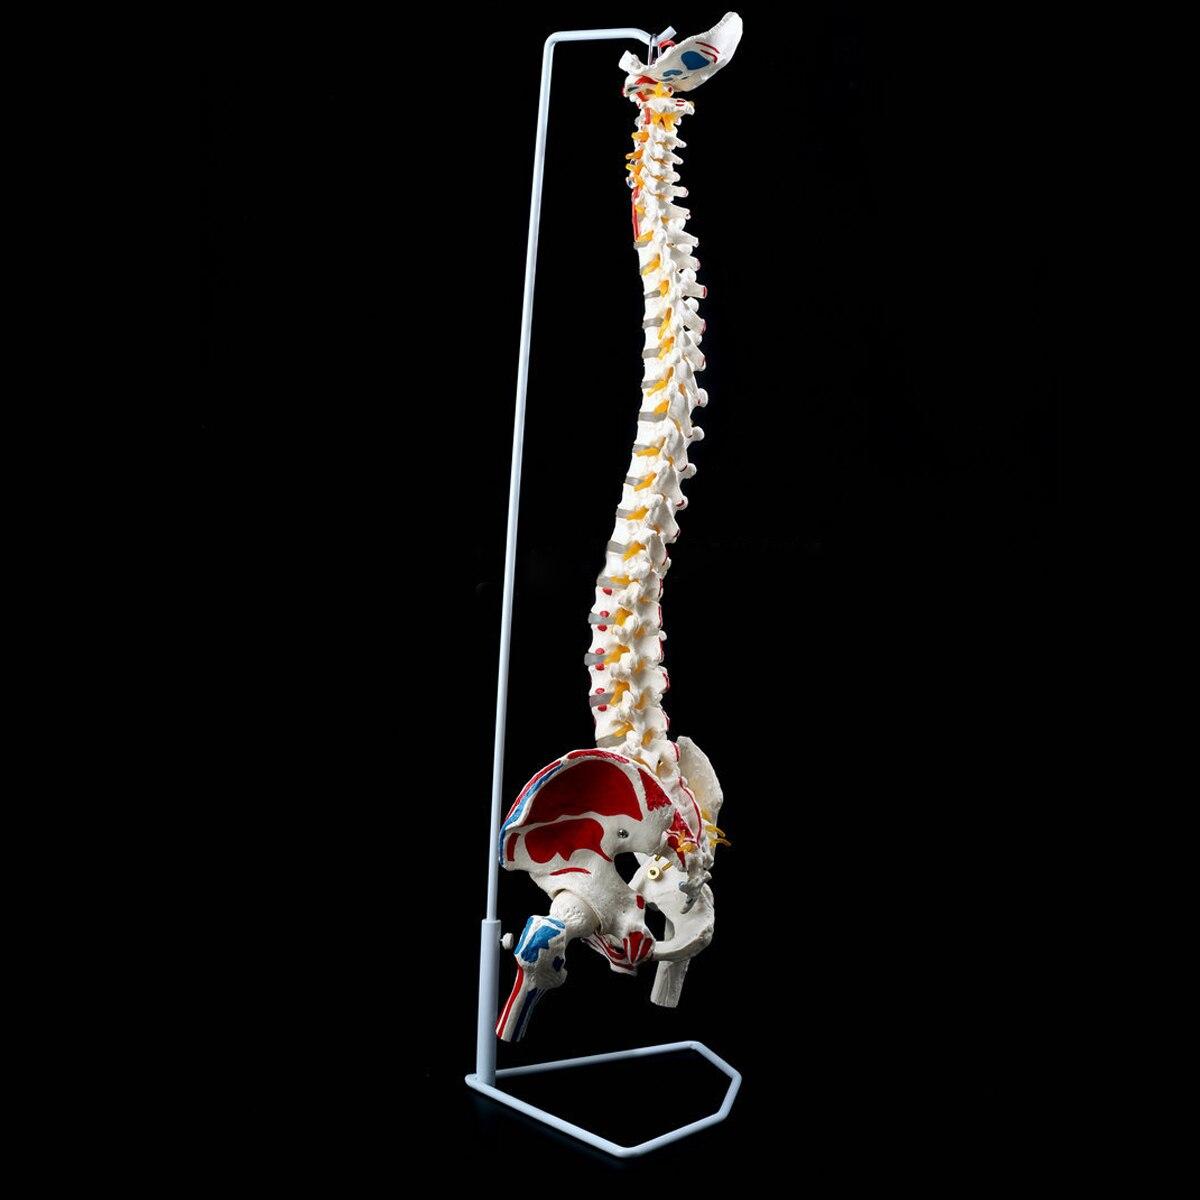 85 cm 1:1 taille réelle anatomie humaine colonne vertébrale modèle bassin fémurs + Stand école éducation Science médicale modèle d'enseignement anatomique - 3